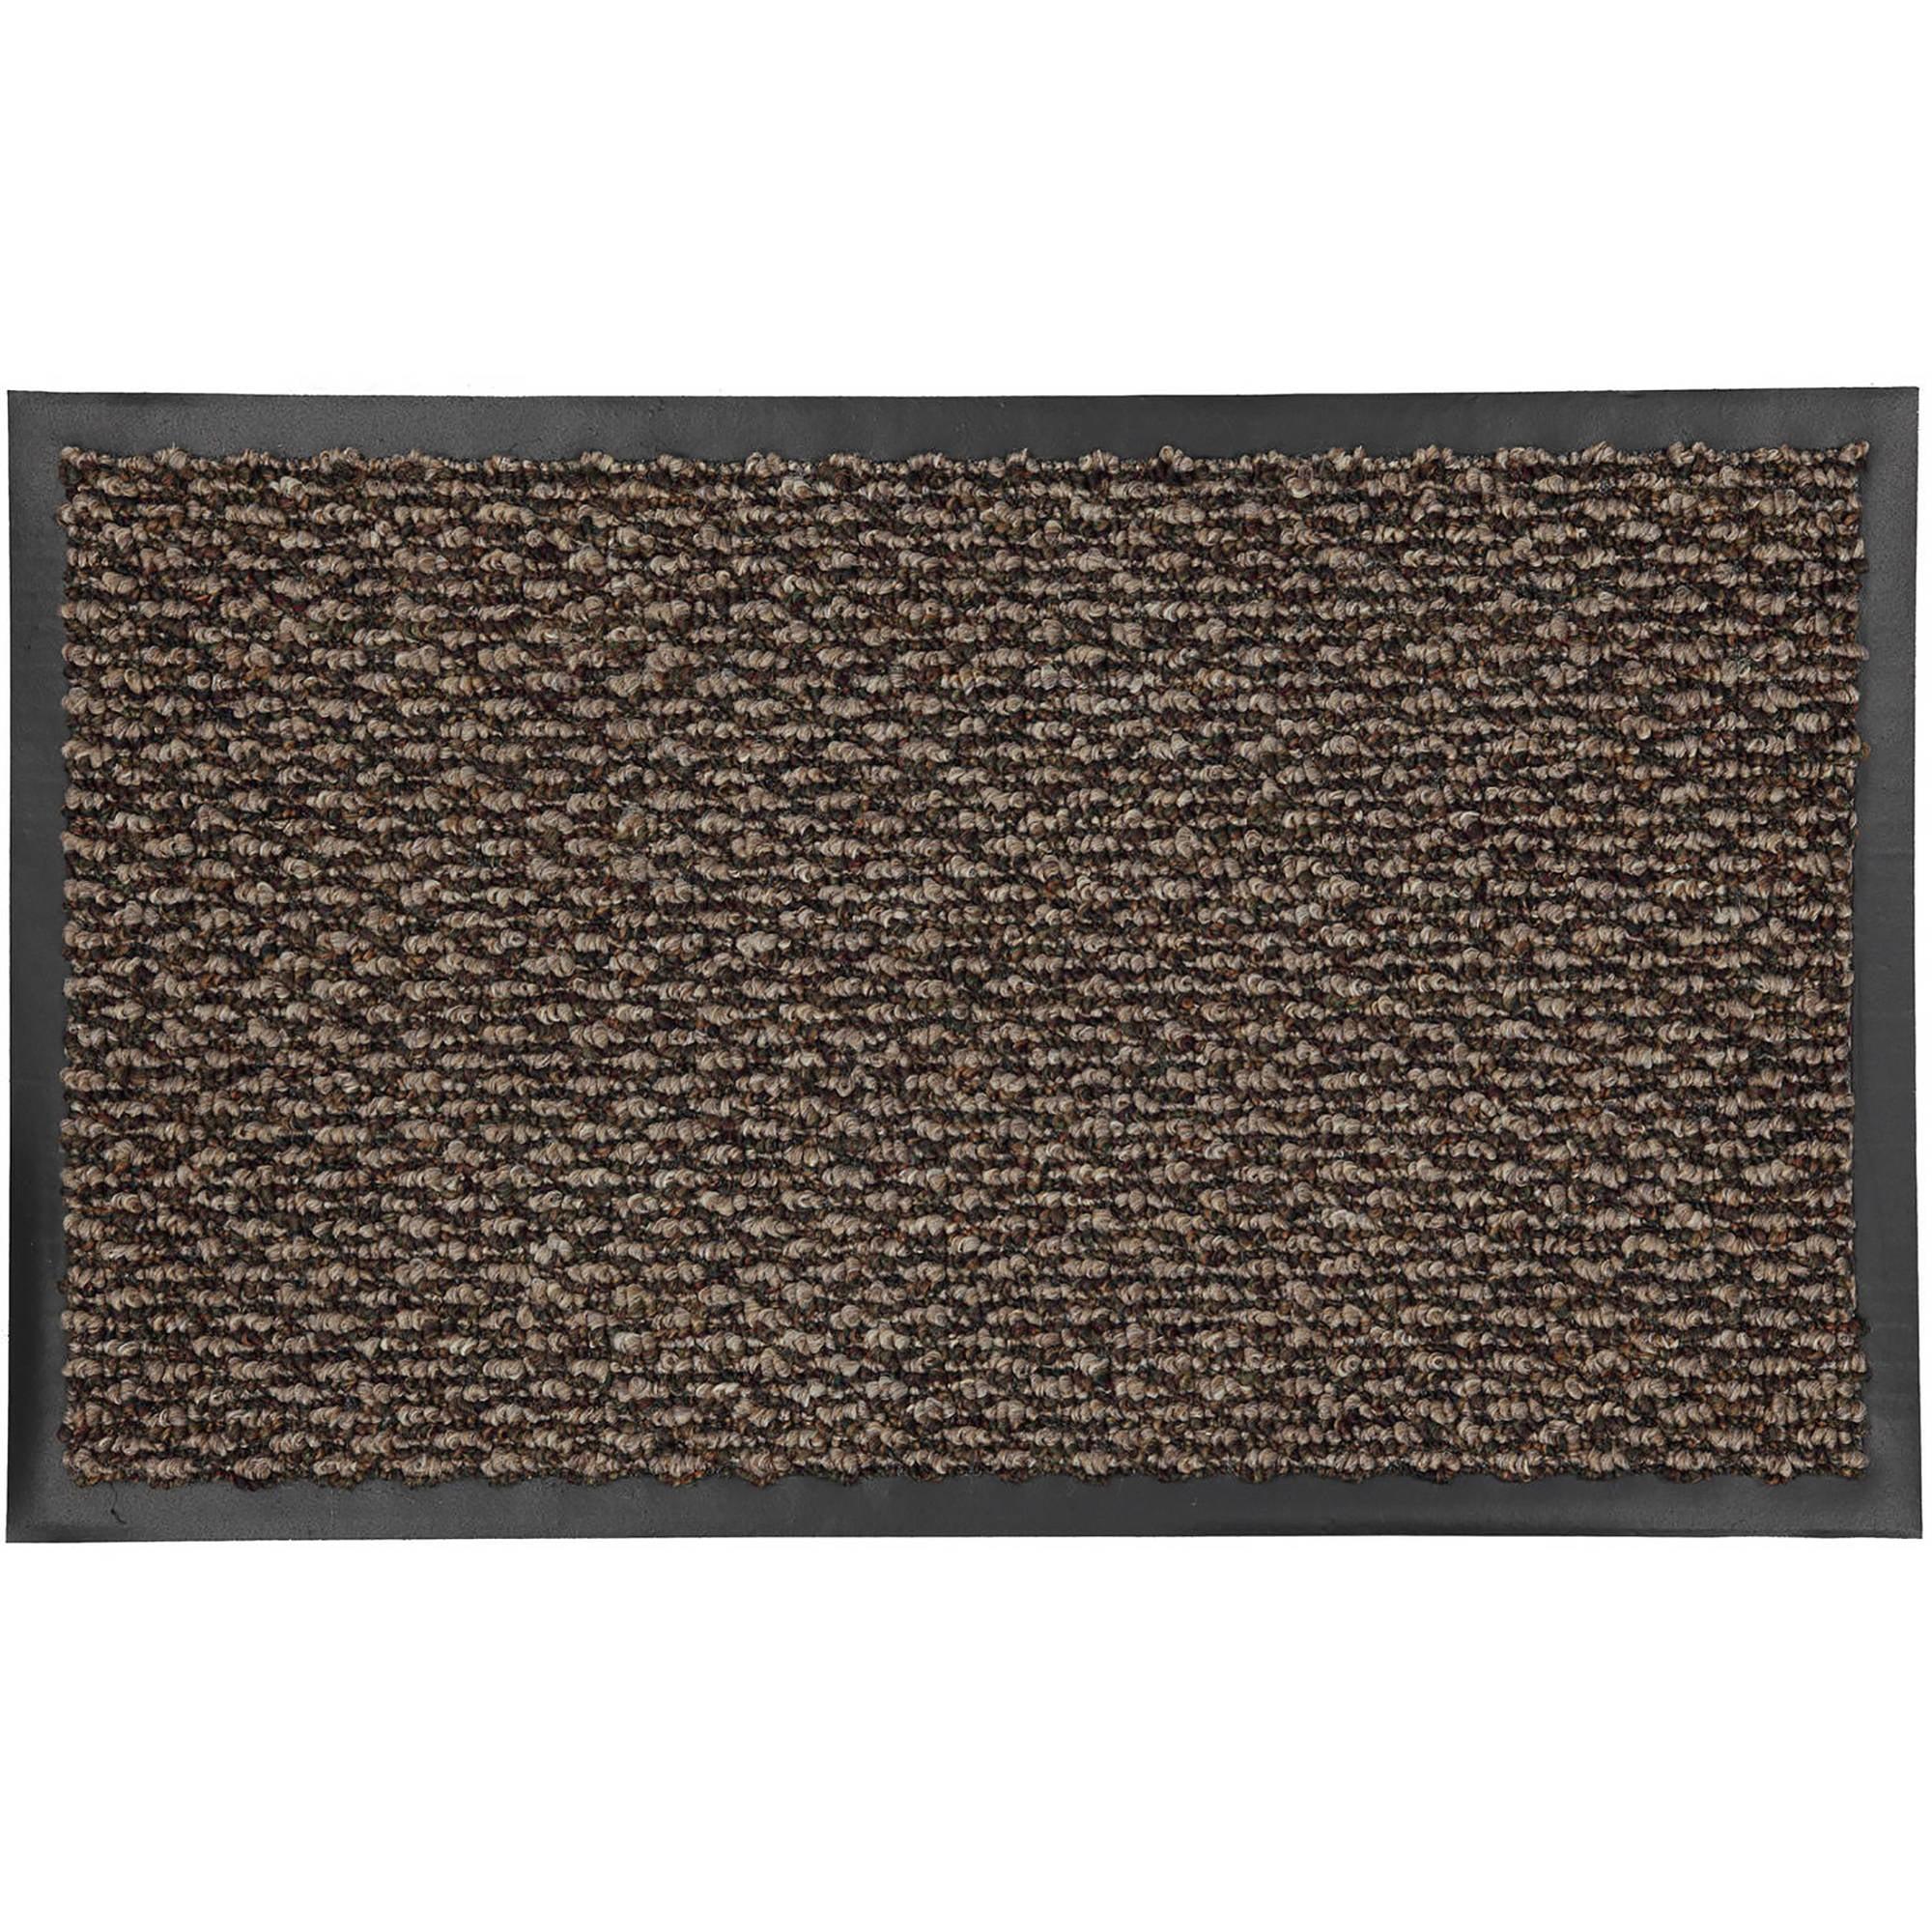 Walmart Foyer Rug : Mainstays robins stripe indoor outdoor rug walmart